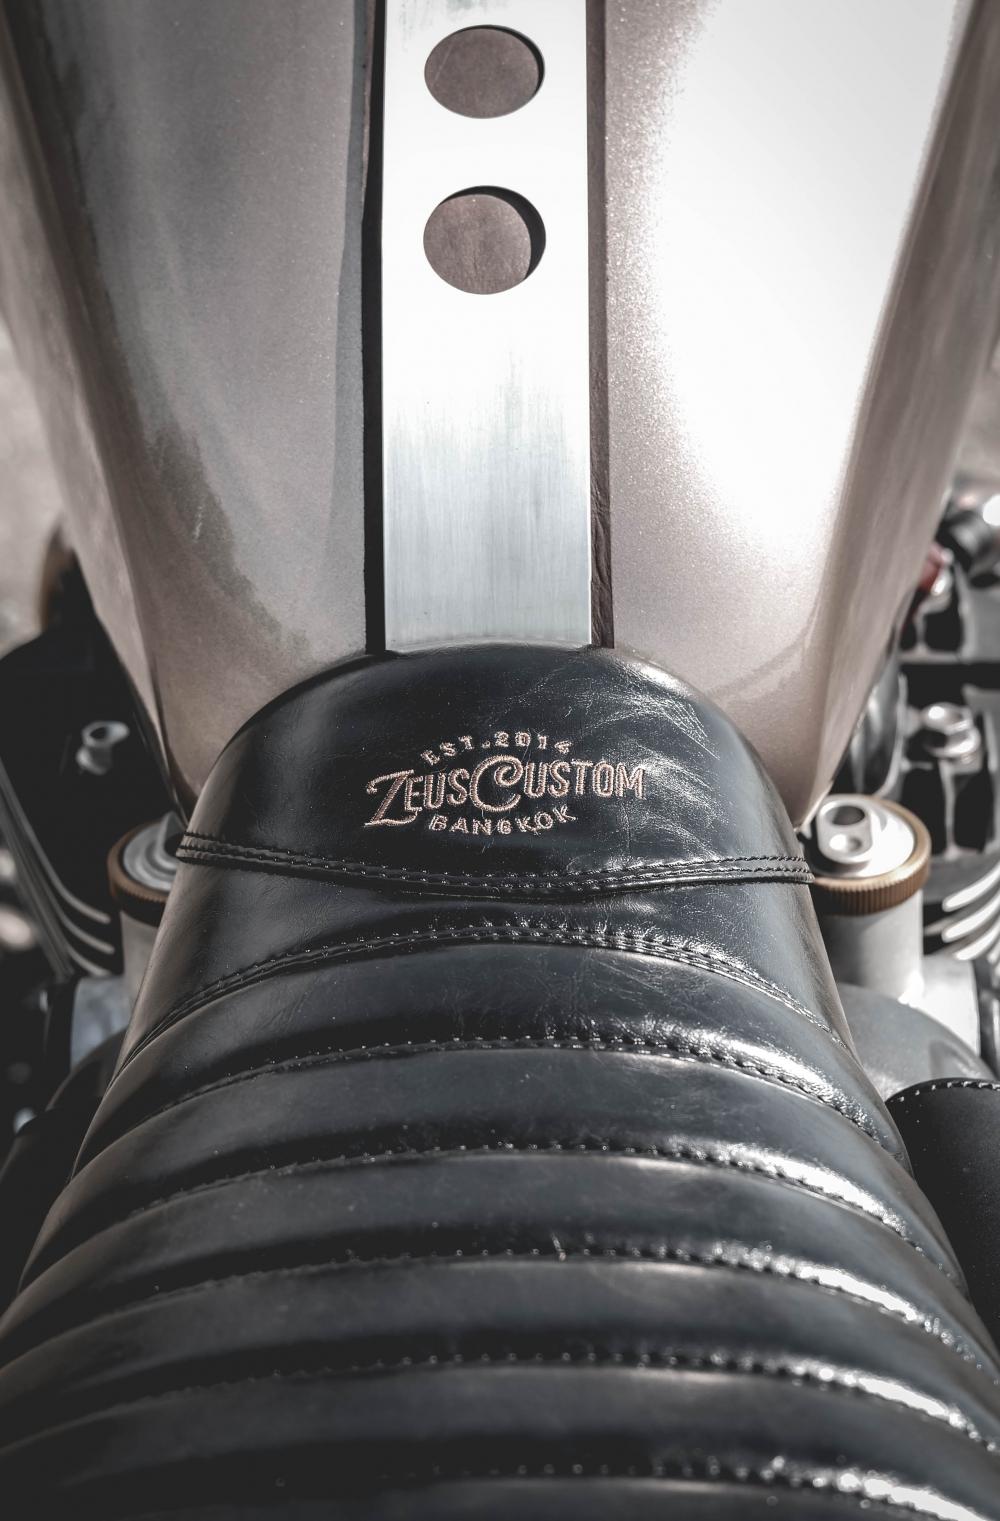 Triumph Bonneville T120 xe do co dien dam chat choi den tu Zeus Custom - 9